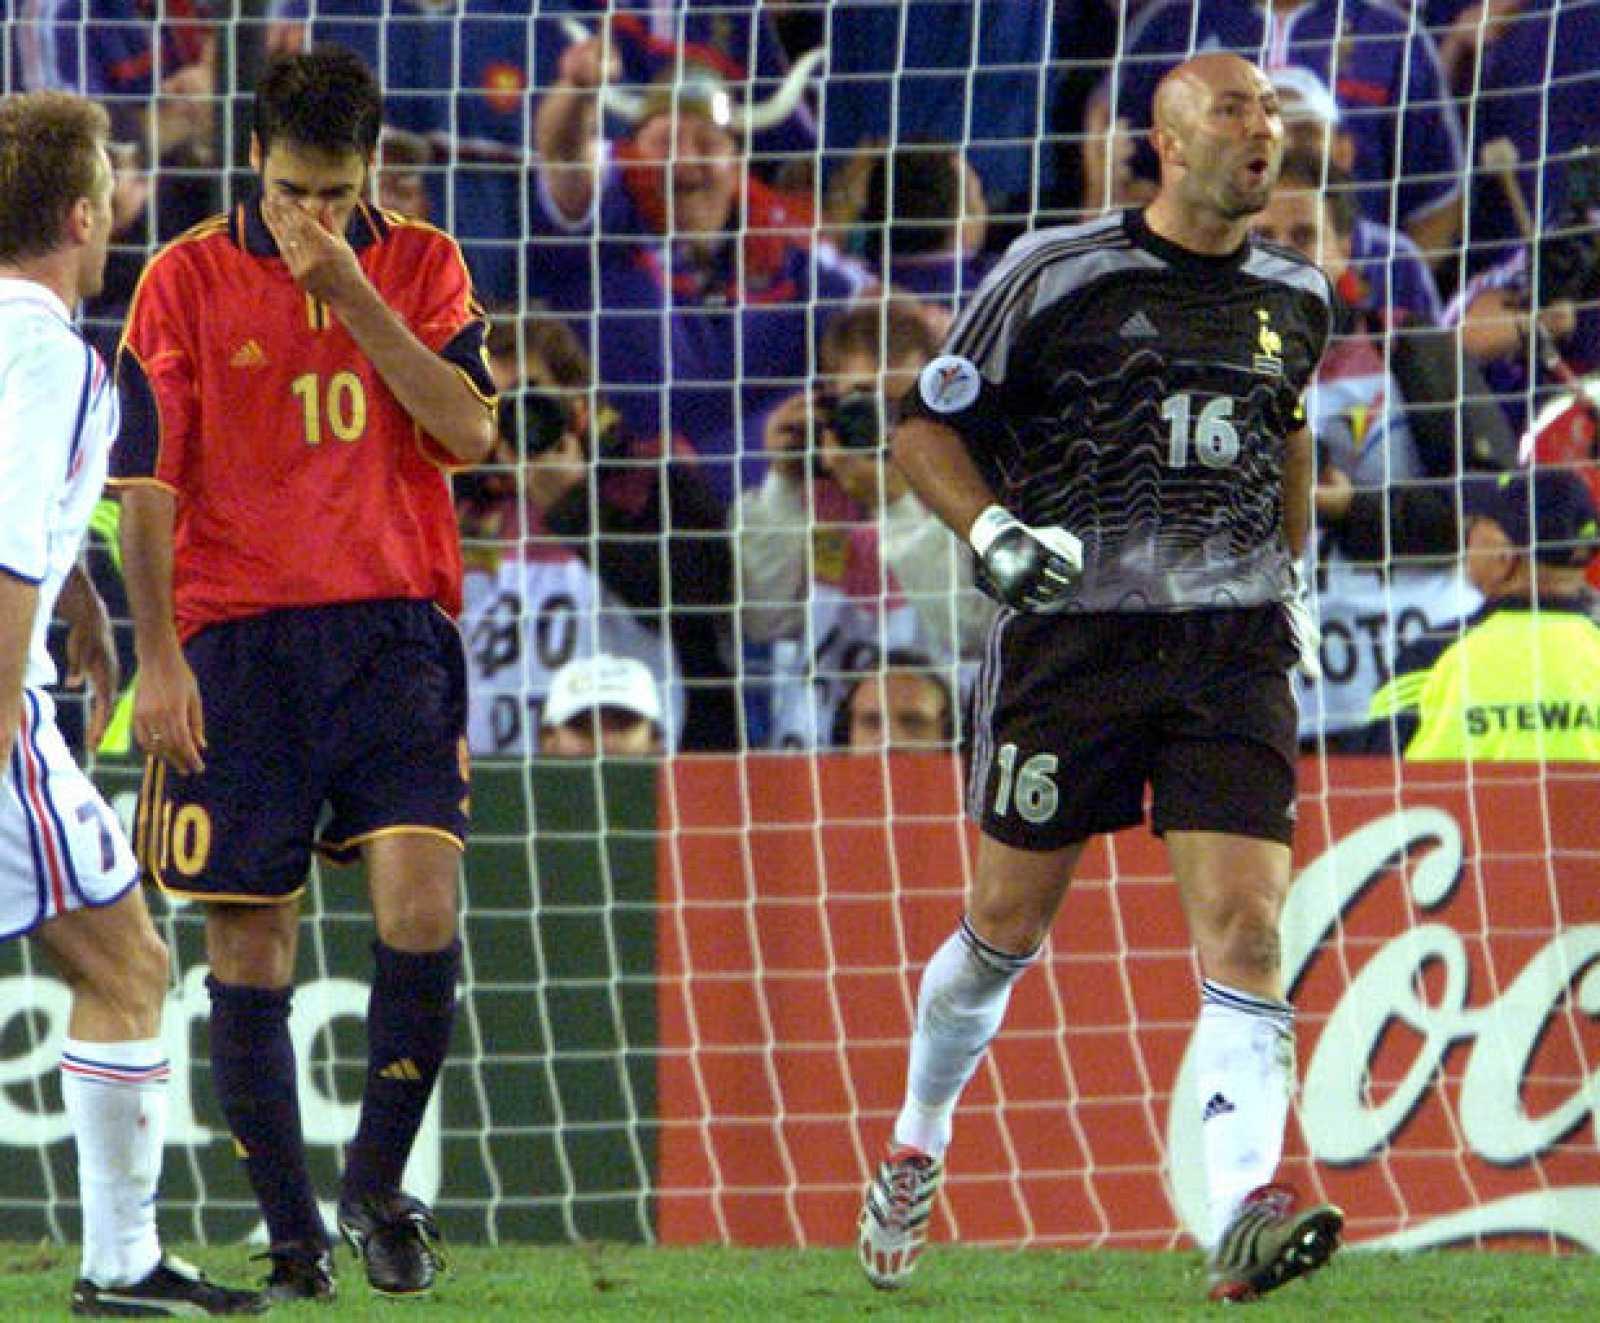 Raúl protagonizó uno de los mayores fracasos al fallar un penalti decisivo ante Francia en la Eurocopa del 2000.